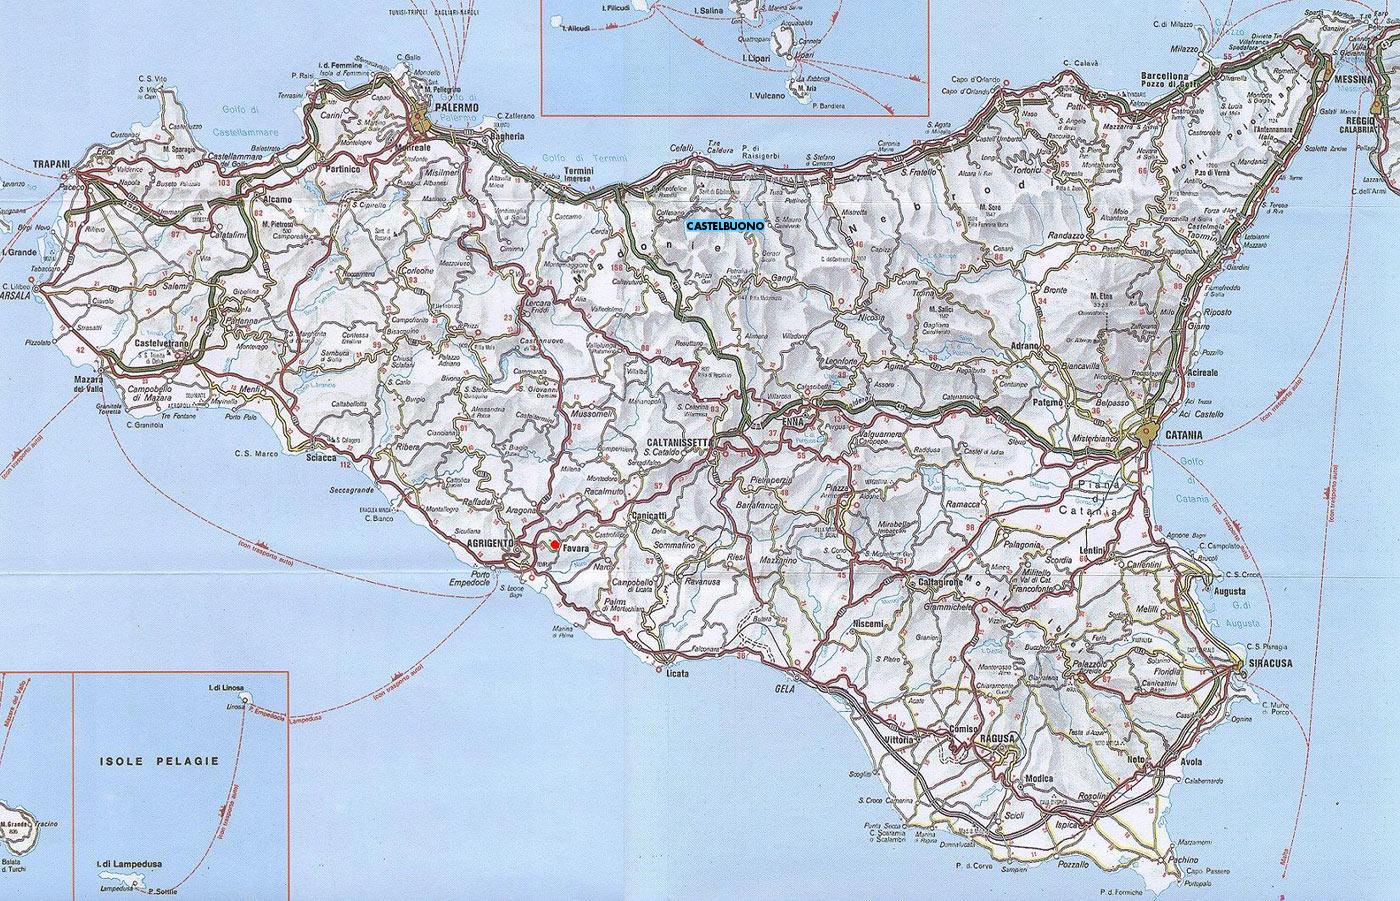 Cartina Della Sicilia Dettagliata.La Sicilia Tra Le Regioni Piu Insicure Record Di Truffe E Furti D